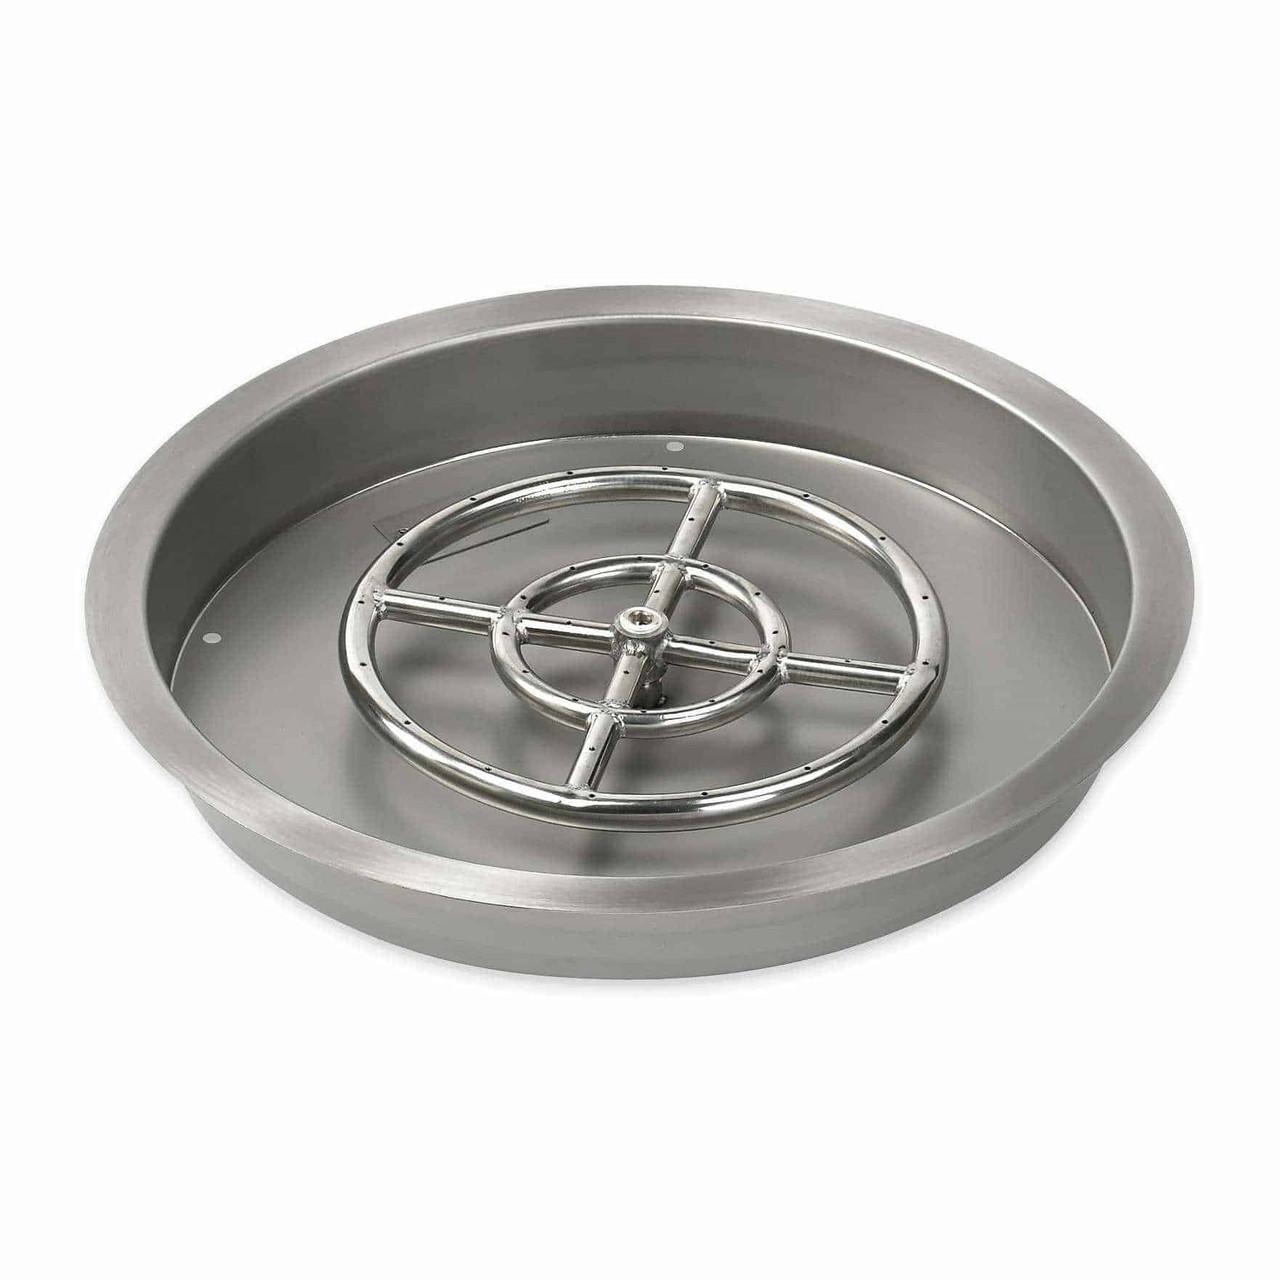 drop in fire pit pan